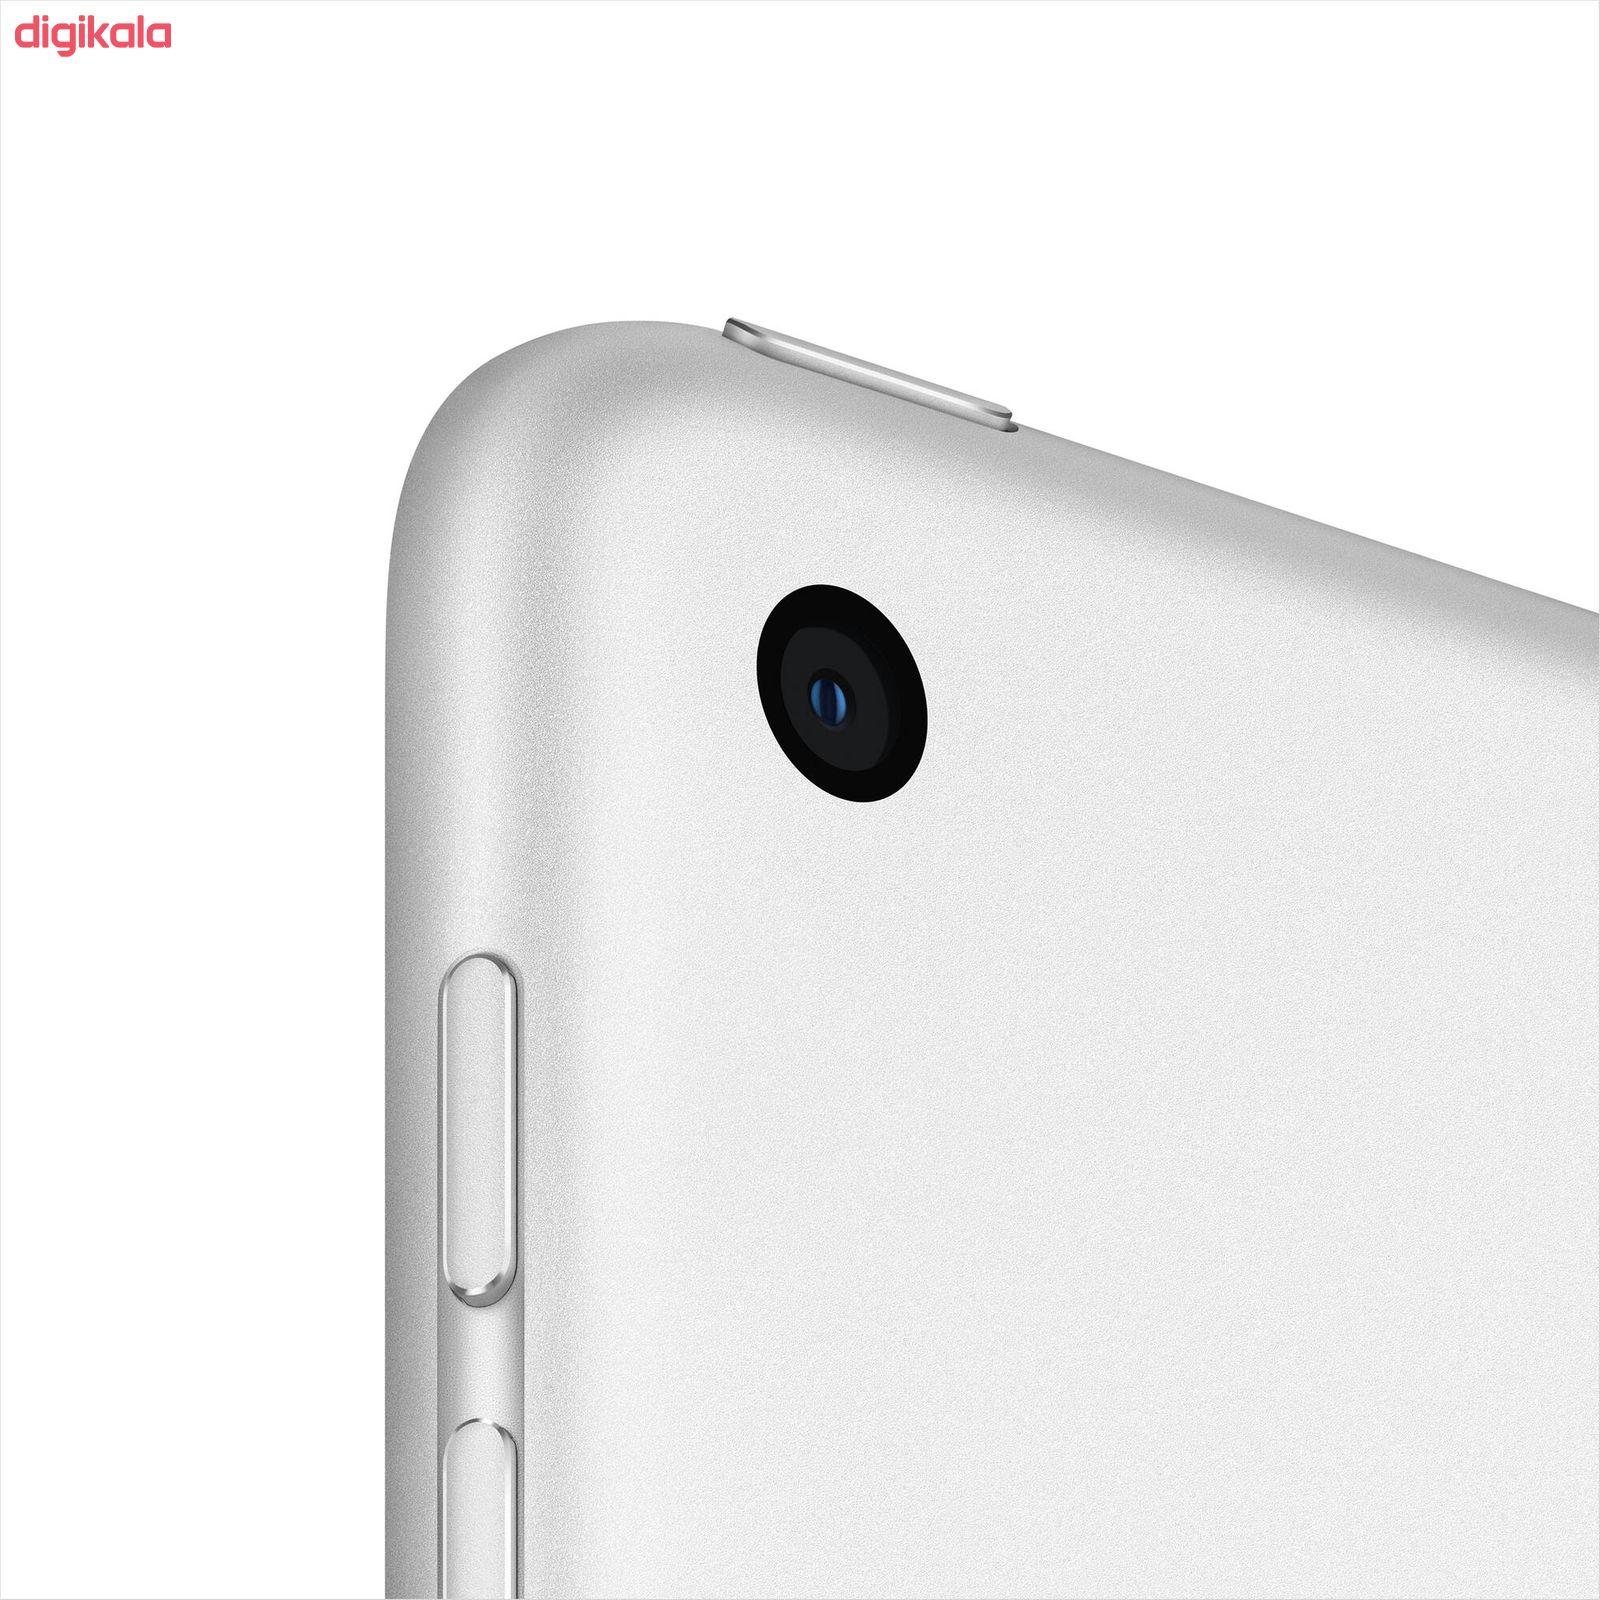 تبلت اپل مدل iPad 10.2 inch 2020 4G/LTE ظرفیت 128 گیگابایت  main 1 8